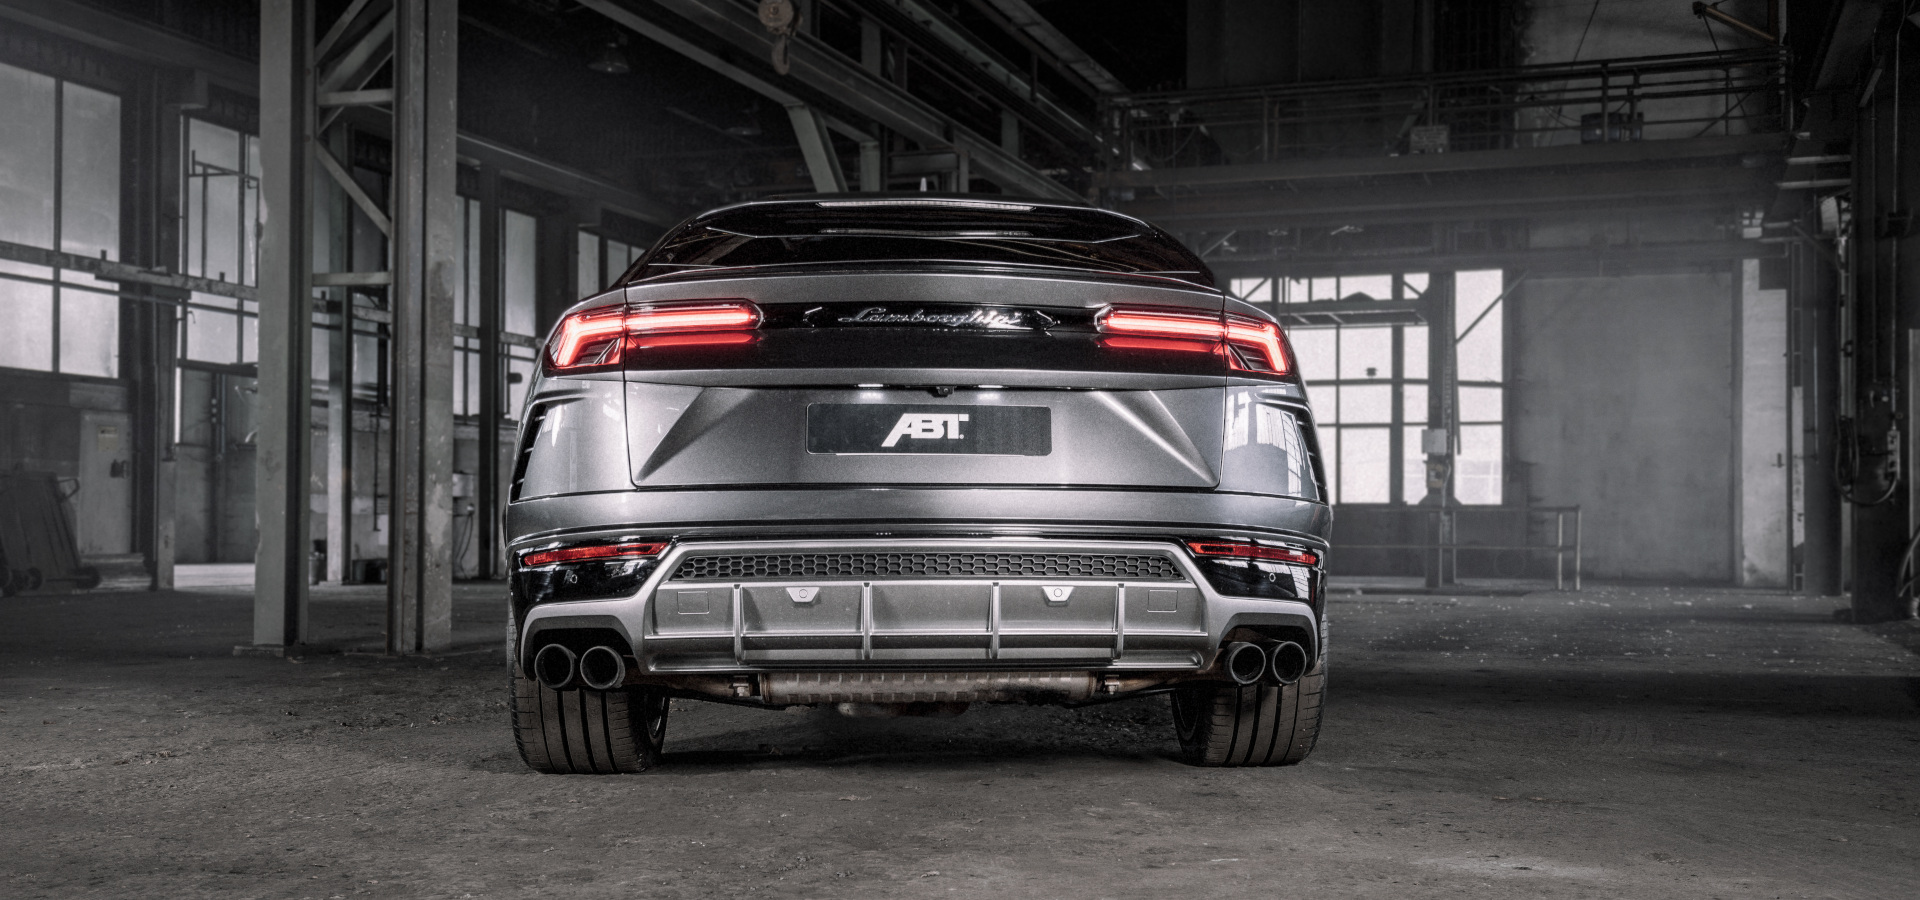 Lamborghini-Urus-by-ABT-3